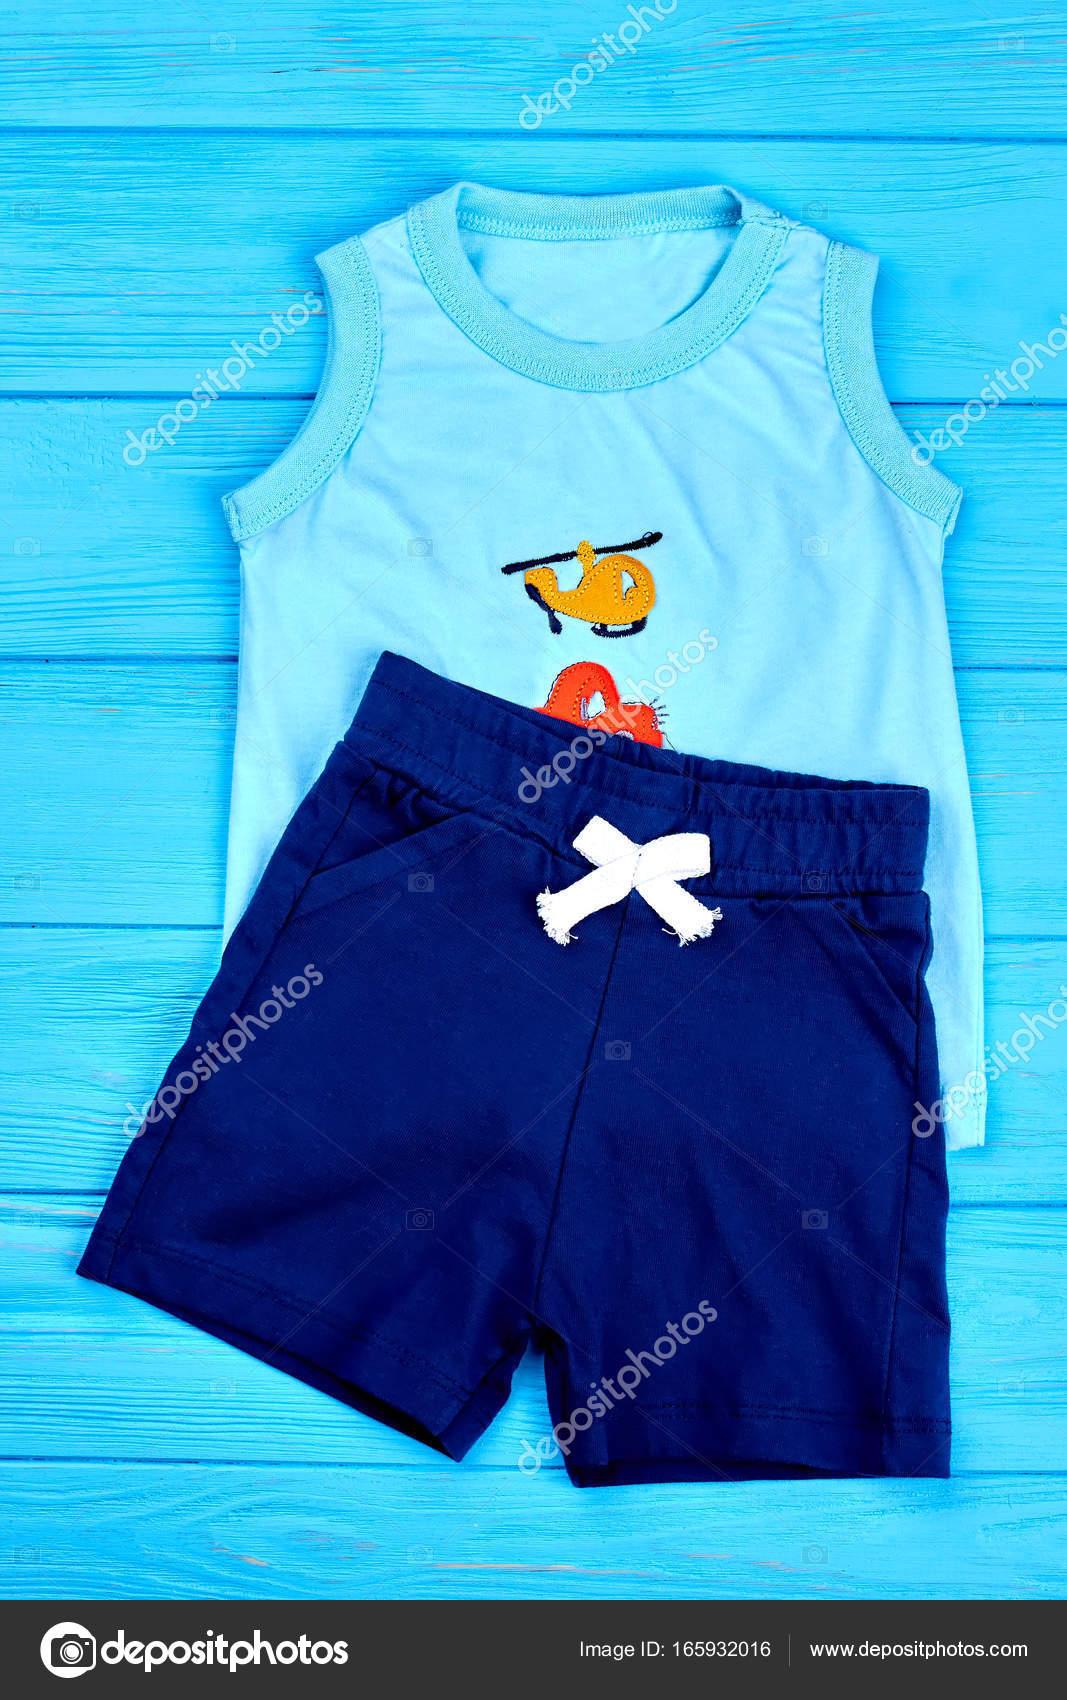 870648b1e Ropa de bebé niño verano moderno — Fotos de Stock © Denisfilm  165932016